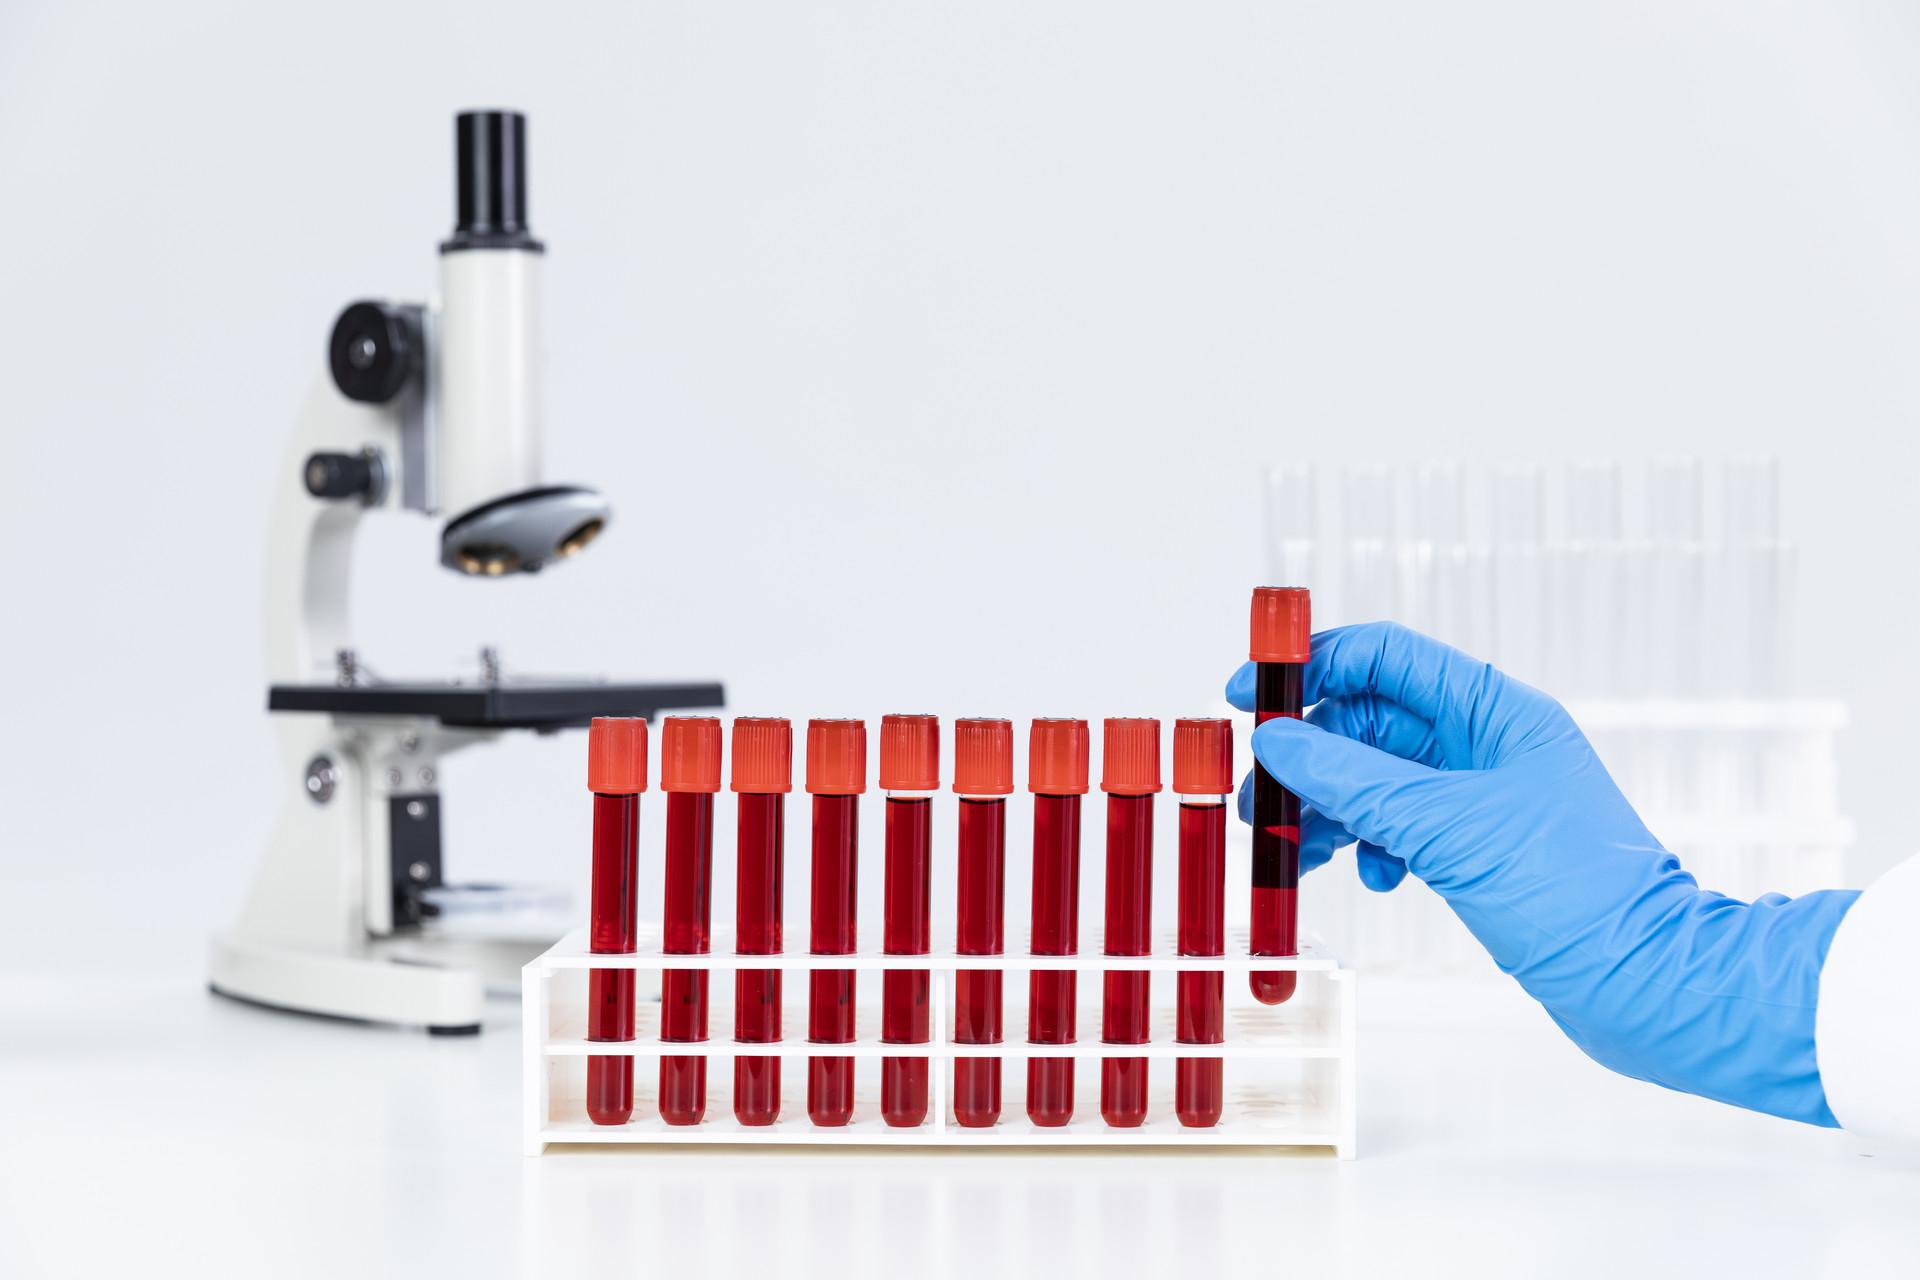 如何预防心脑血管疾病?控制血脂很重要!